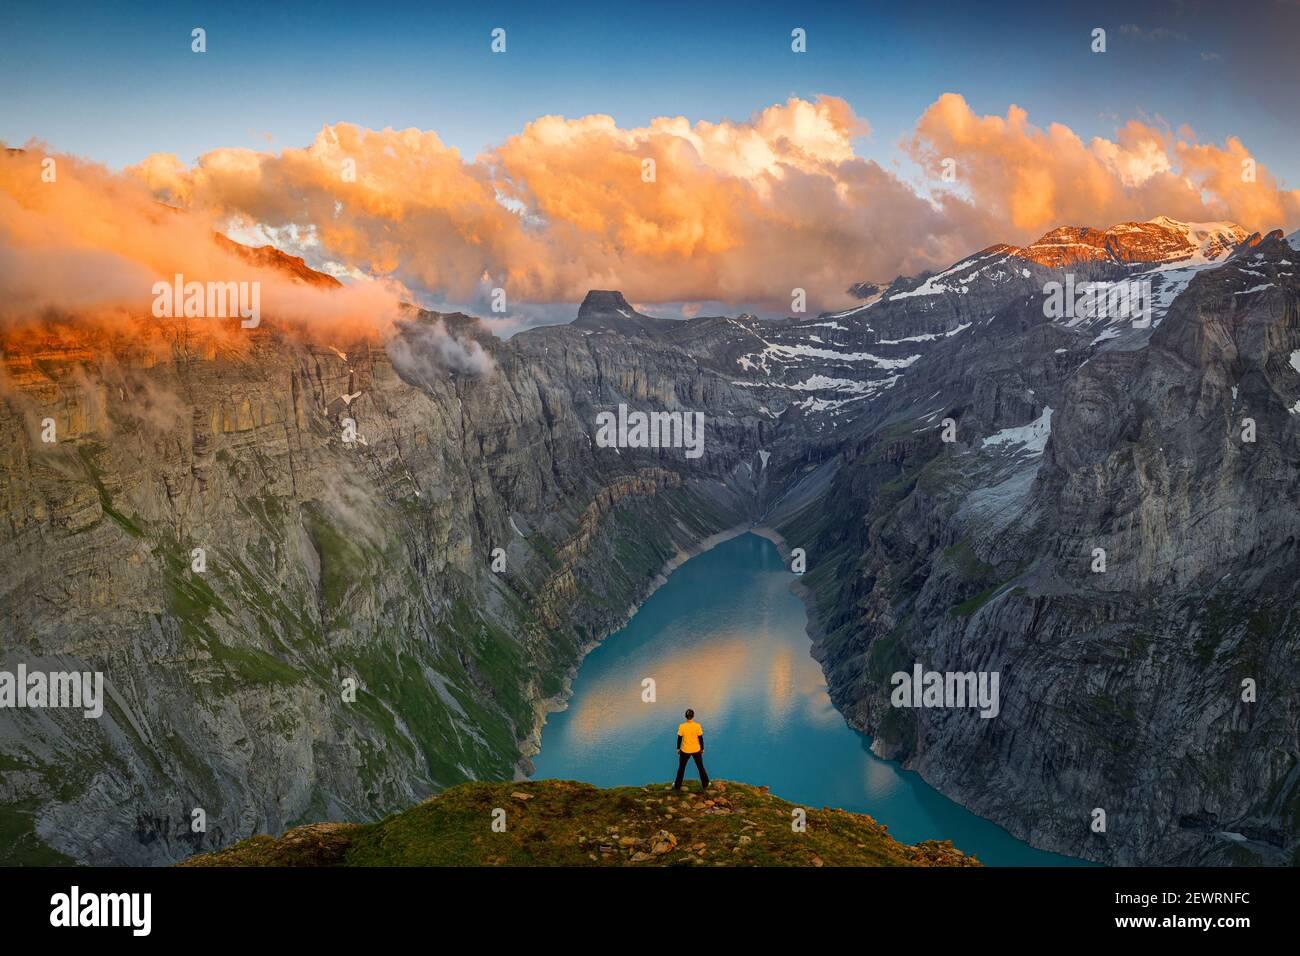 Homme debout sur des rochers regardant les nuages au coucher du soleil sur le lac Limmernsee, vue aérienne, canton de Glaris, Suisse, Europe Banque D'Images